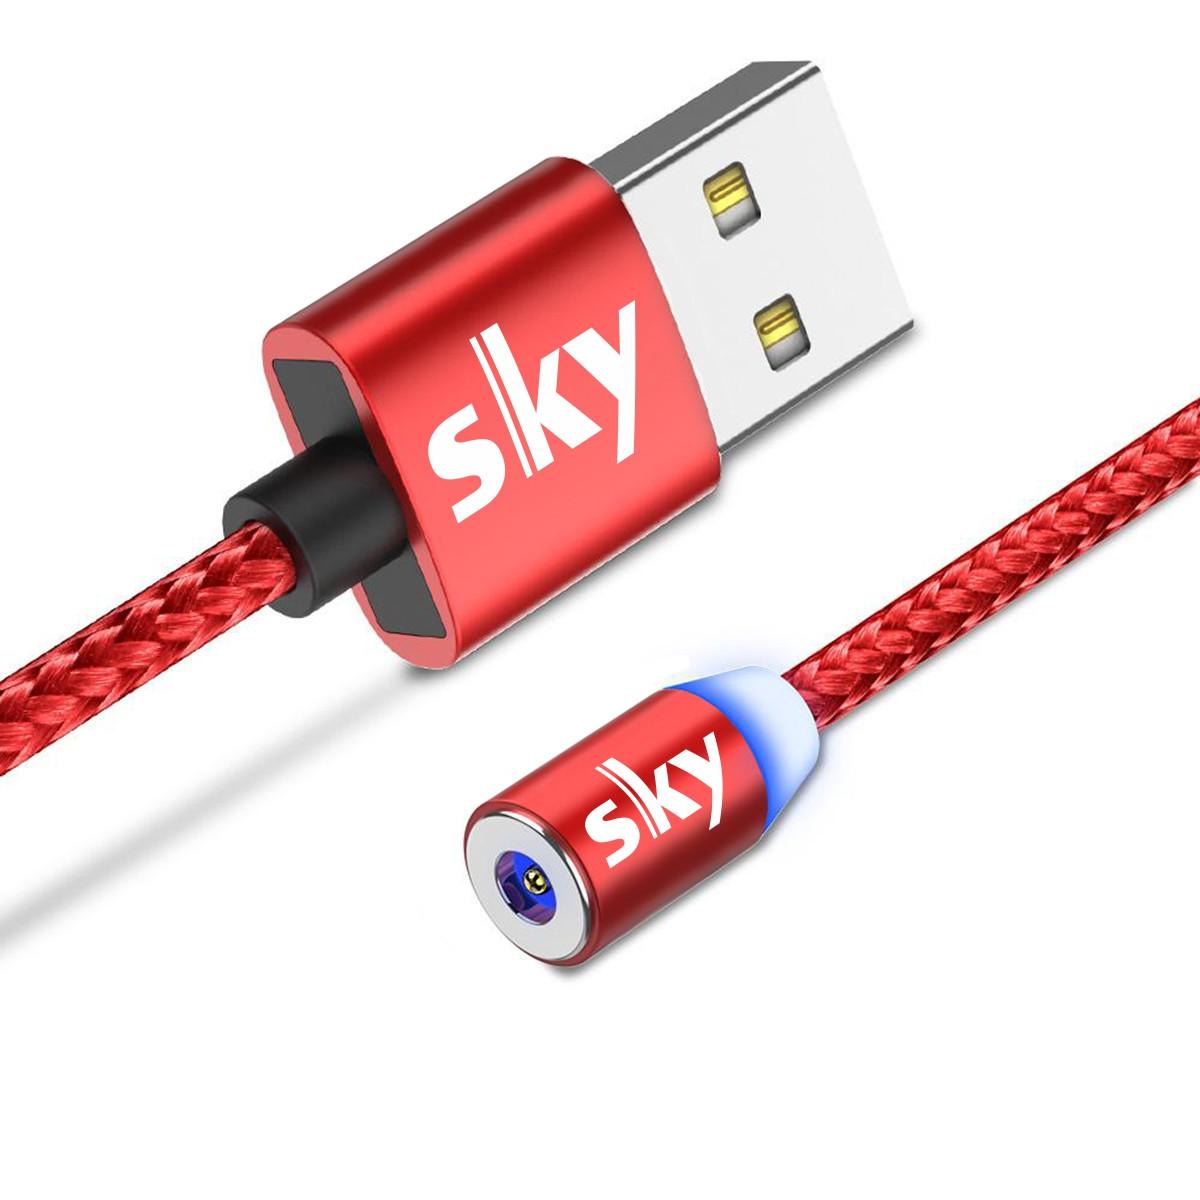 Кабель магнитный USB SKY (R-line) без коннектора (100 см) Red